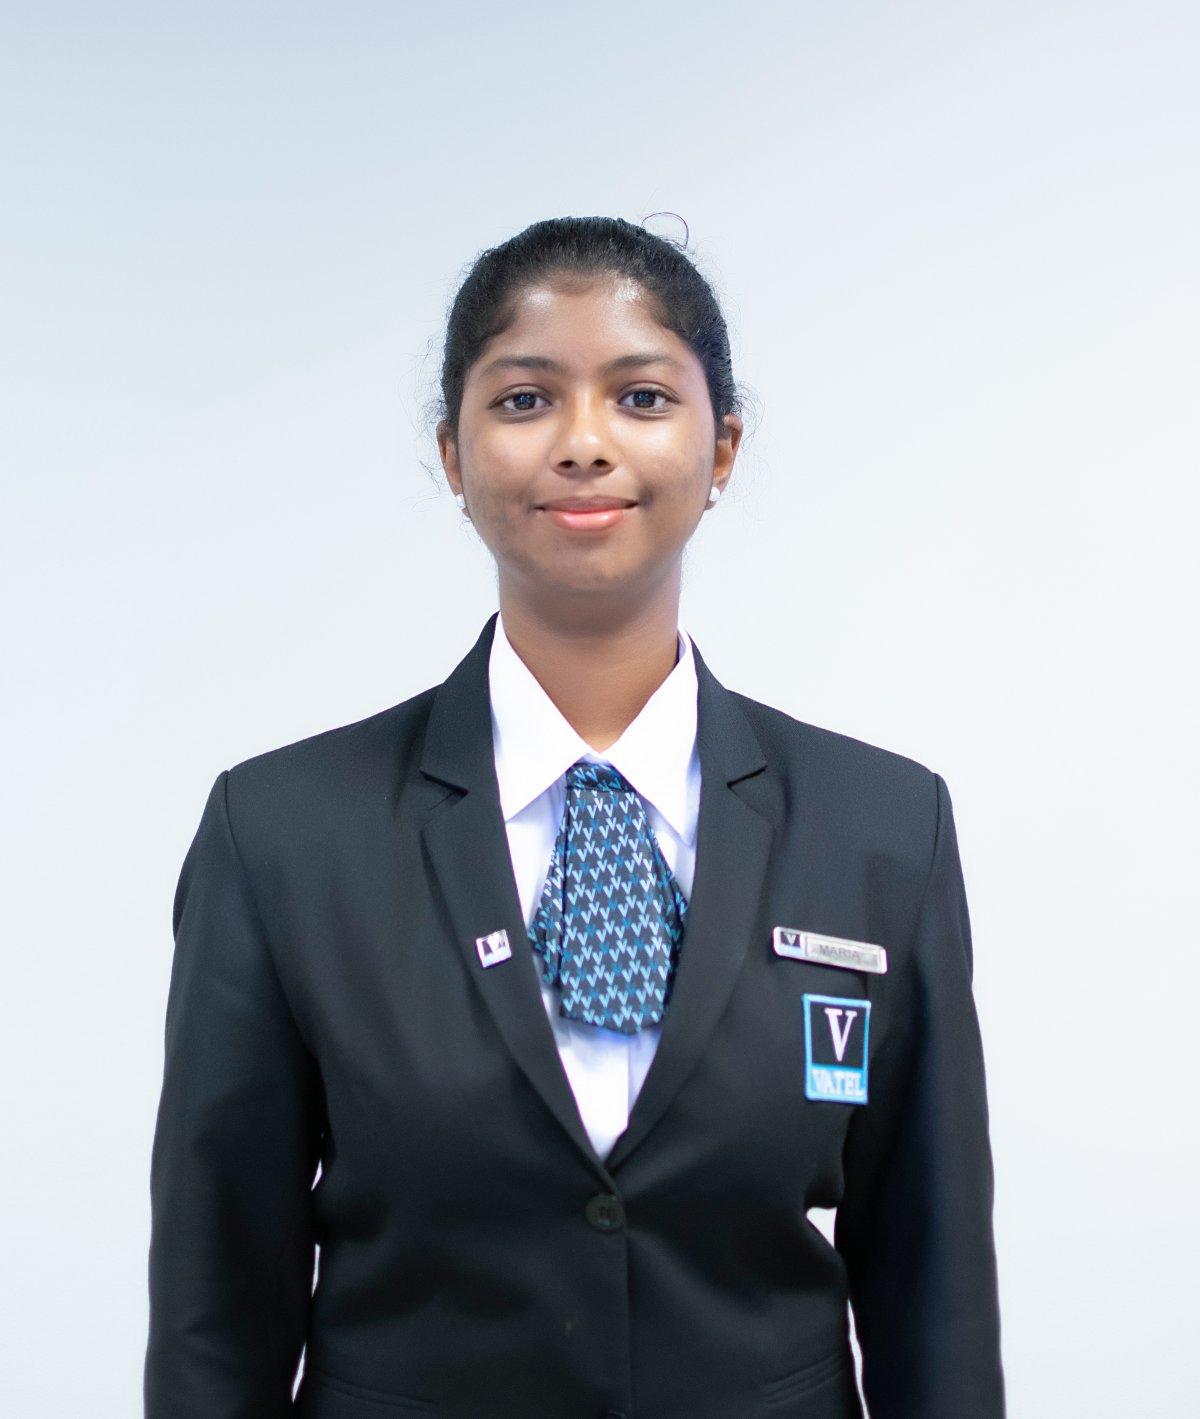 Vatel Mauritius Students -